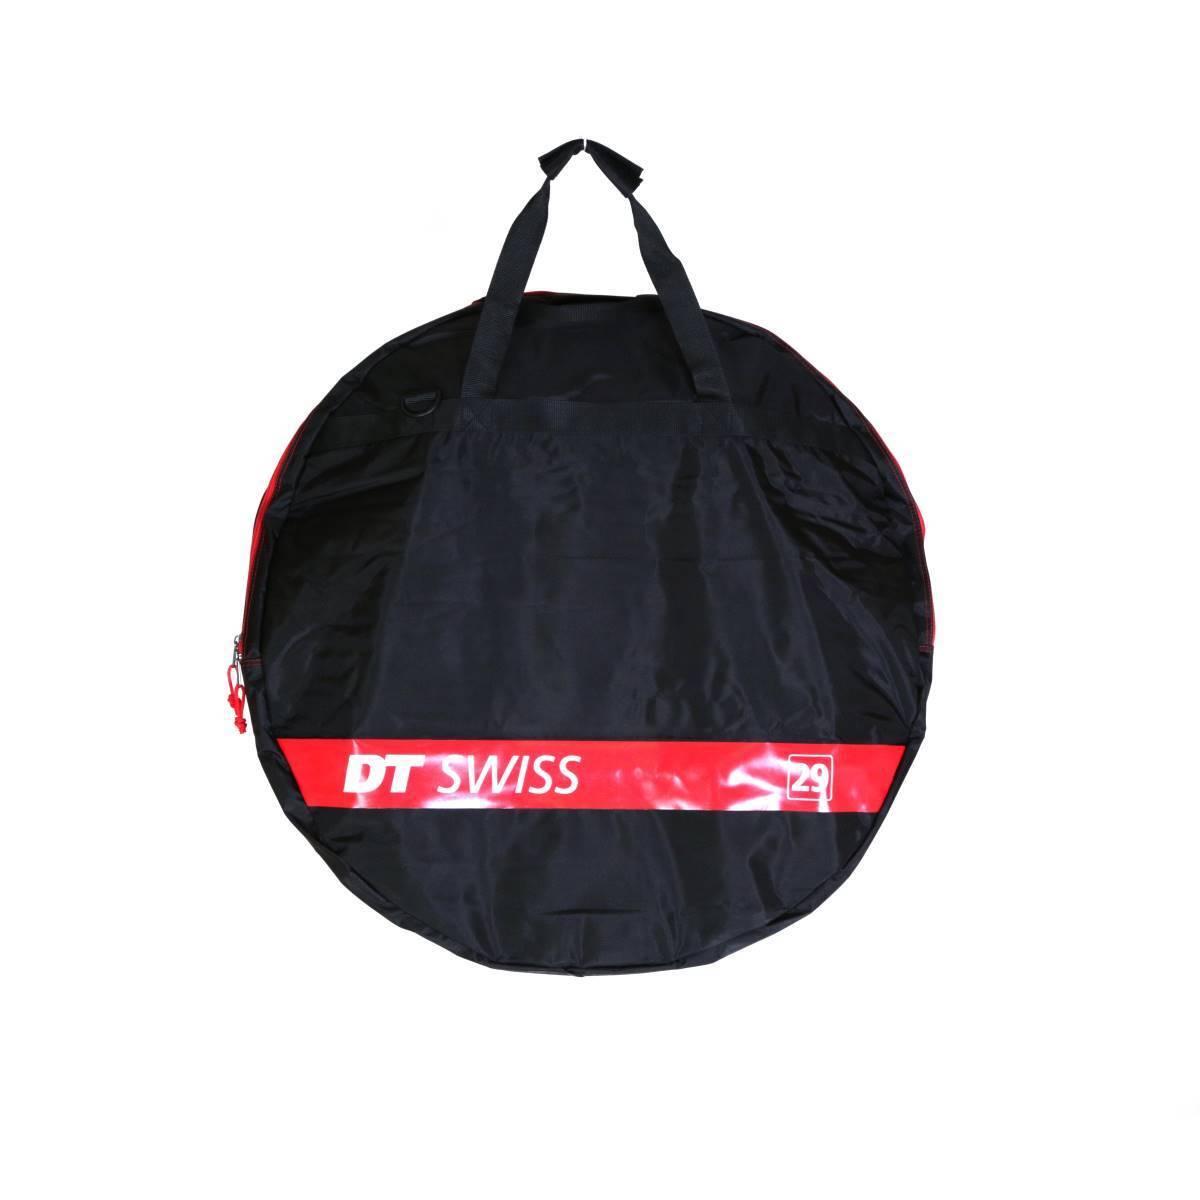 DT Swiss Laufradtasche 29  für 1 Laufrad, single wheel bag